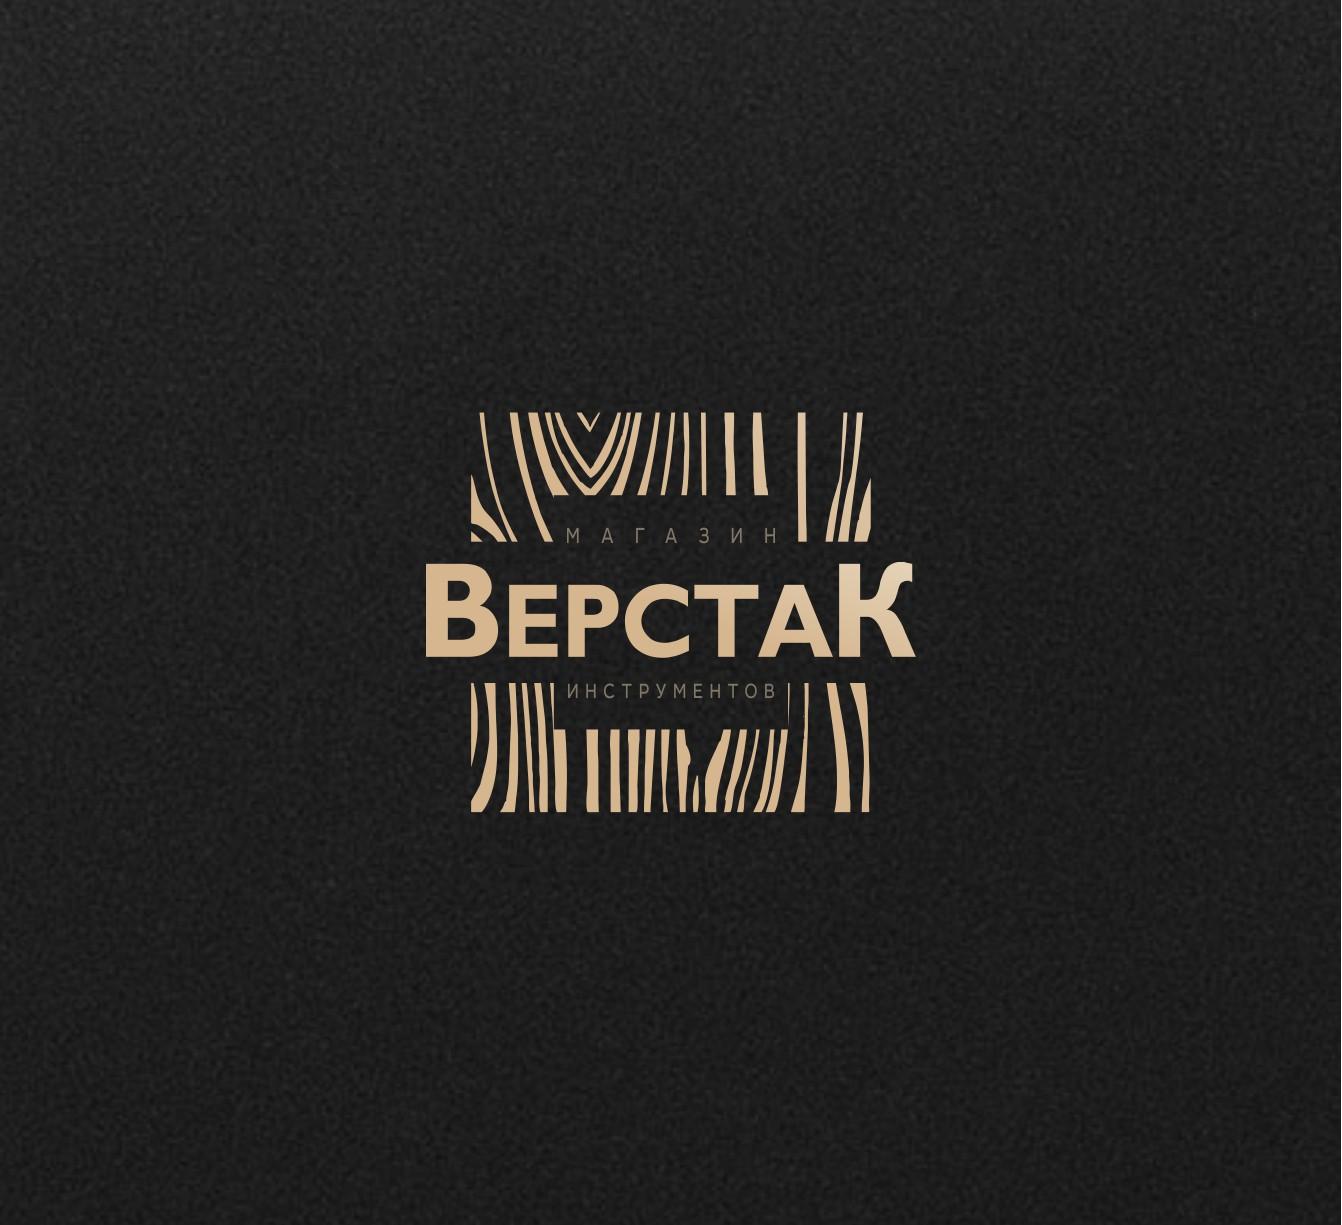 Логотип магазина бензо, электро, ручного инструмента фото f_0015a0ede5709c37.jpg